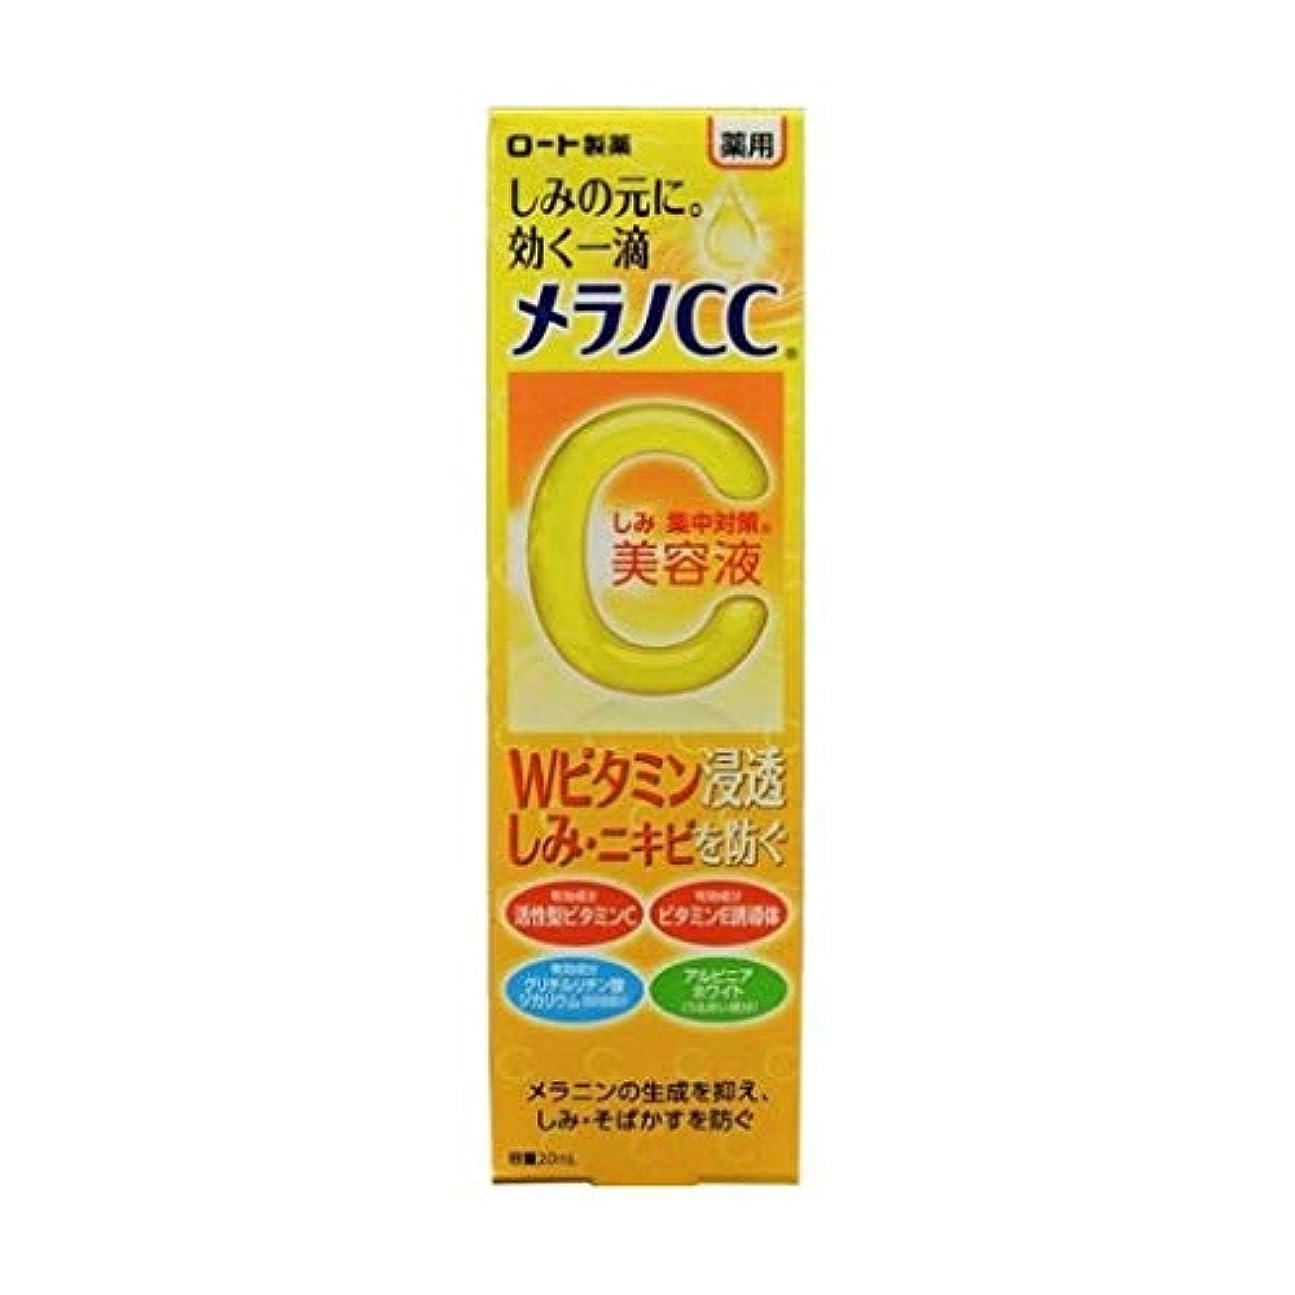 堂々たる単調な有効な<お得な7本パック>メラノCC 薬用しみ集中対策美容液 20ml入り×7本